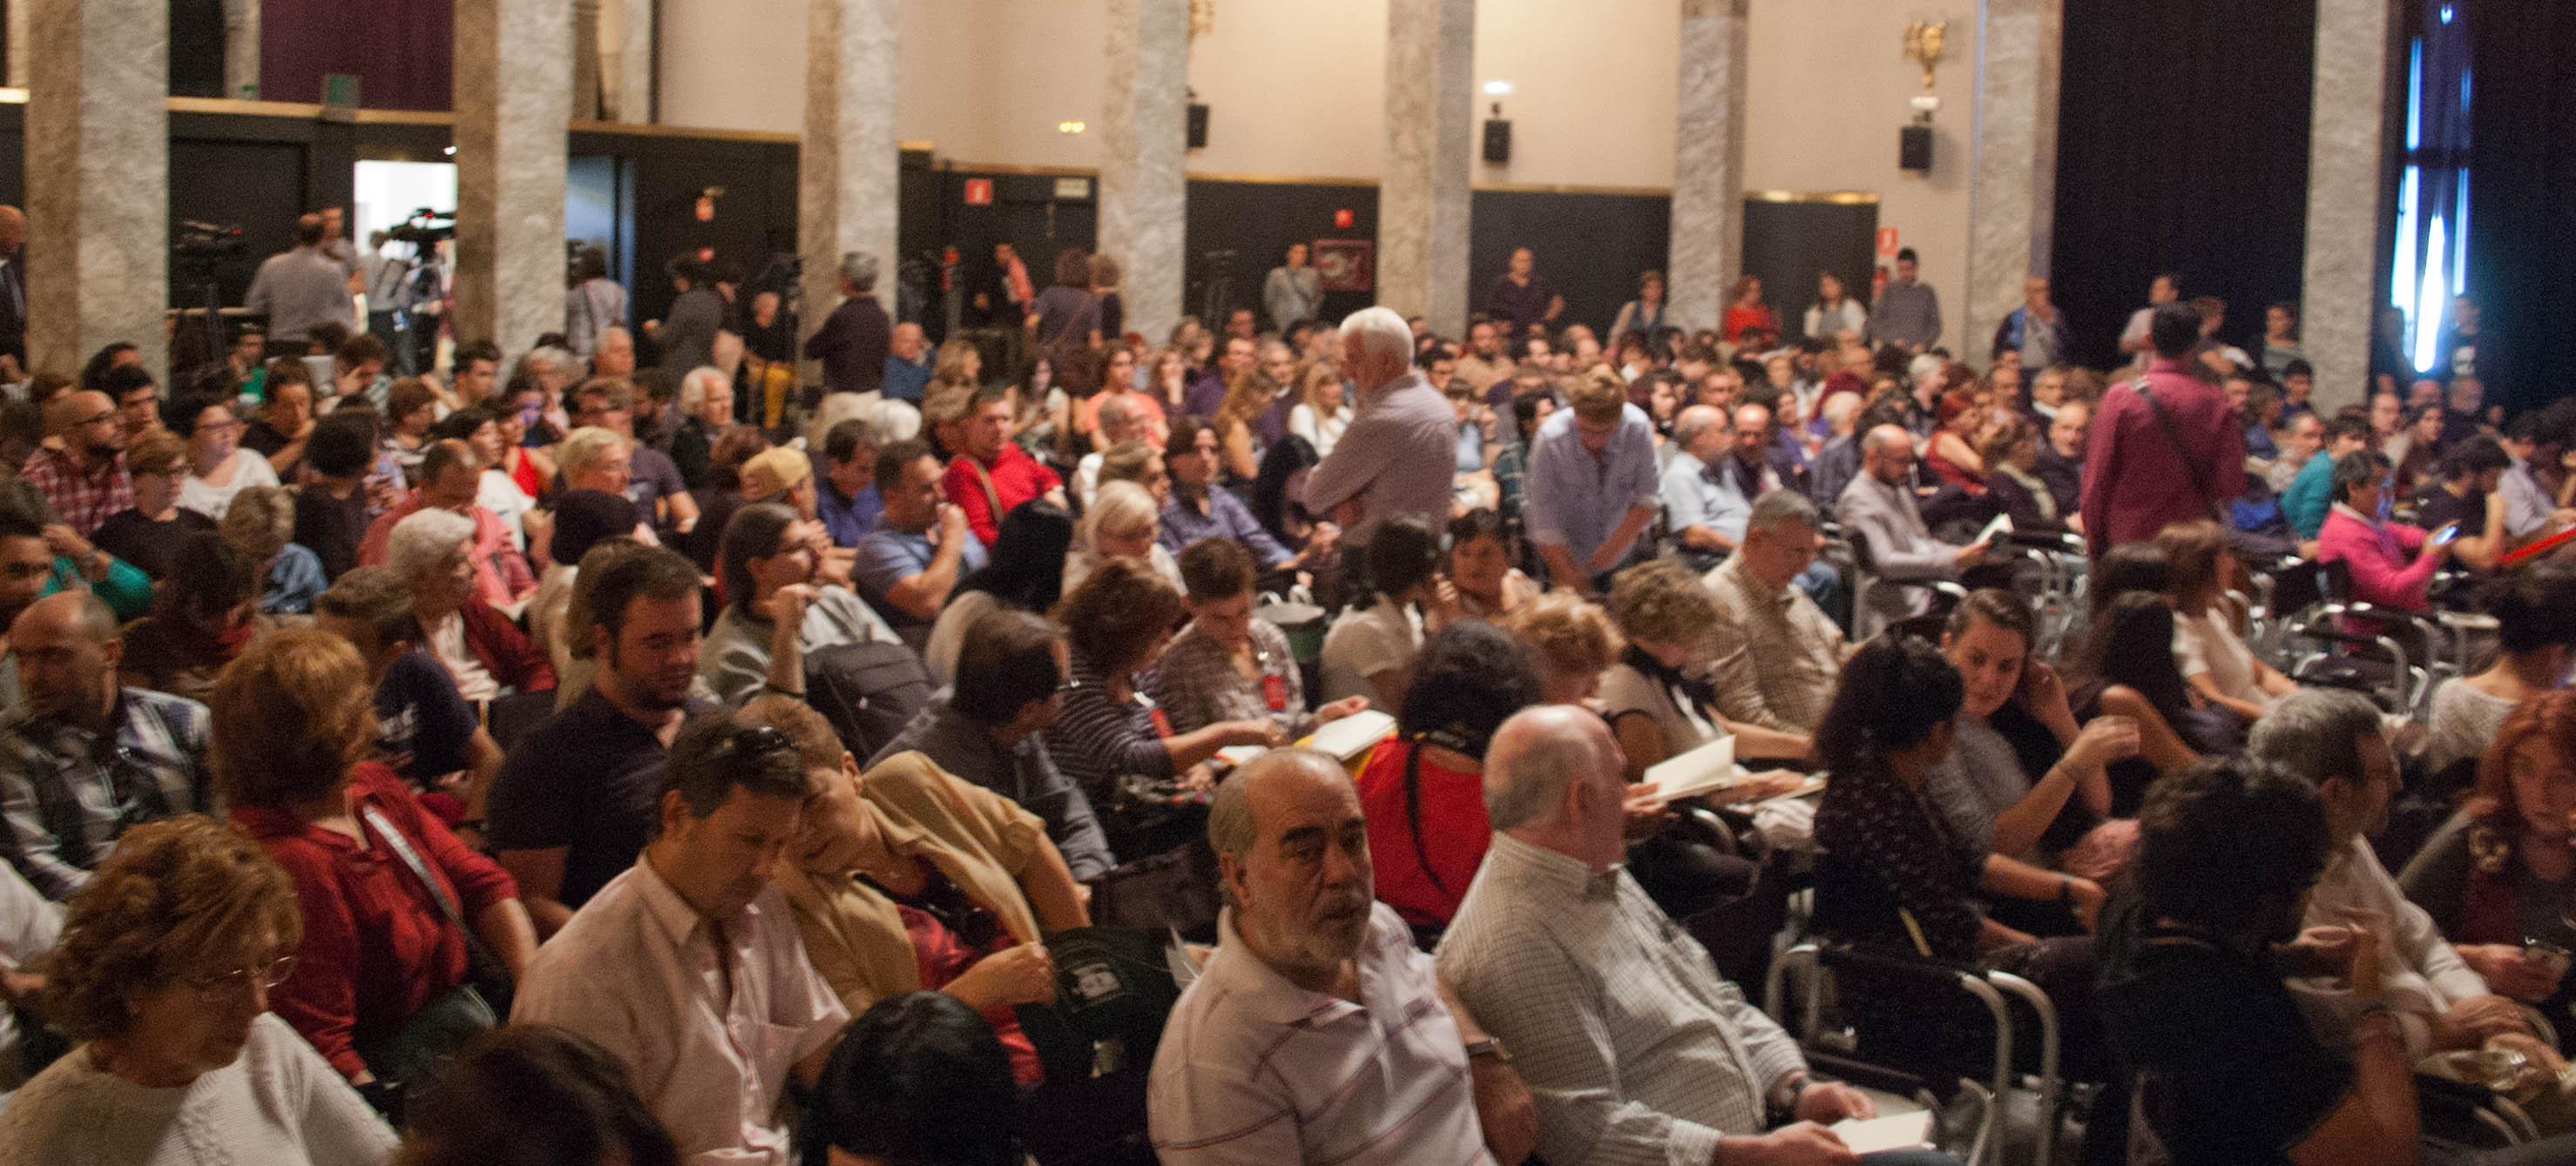 Más de 400 personas asistieron a la presentación.